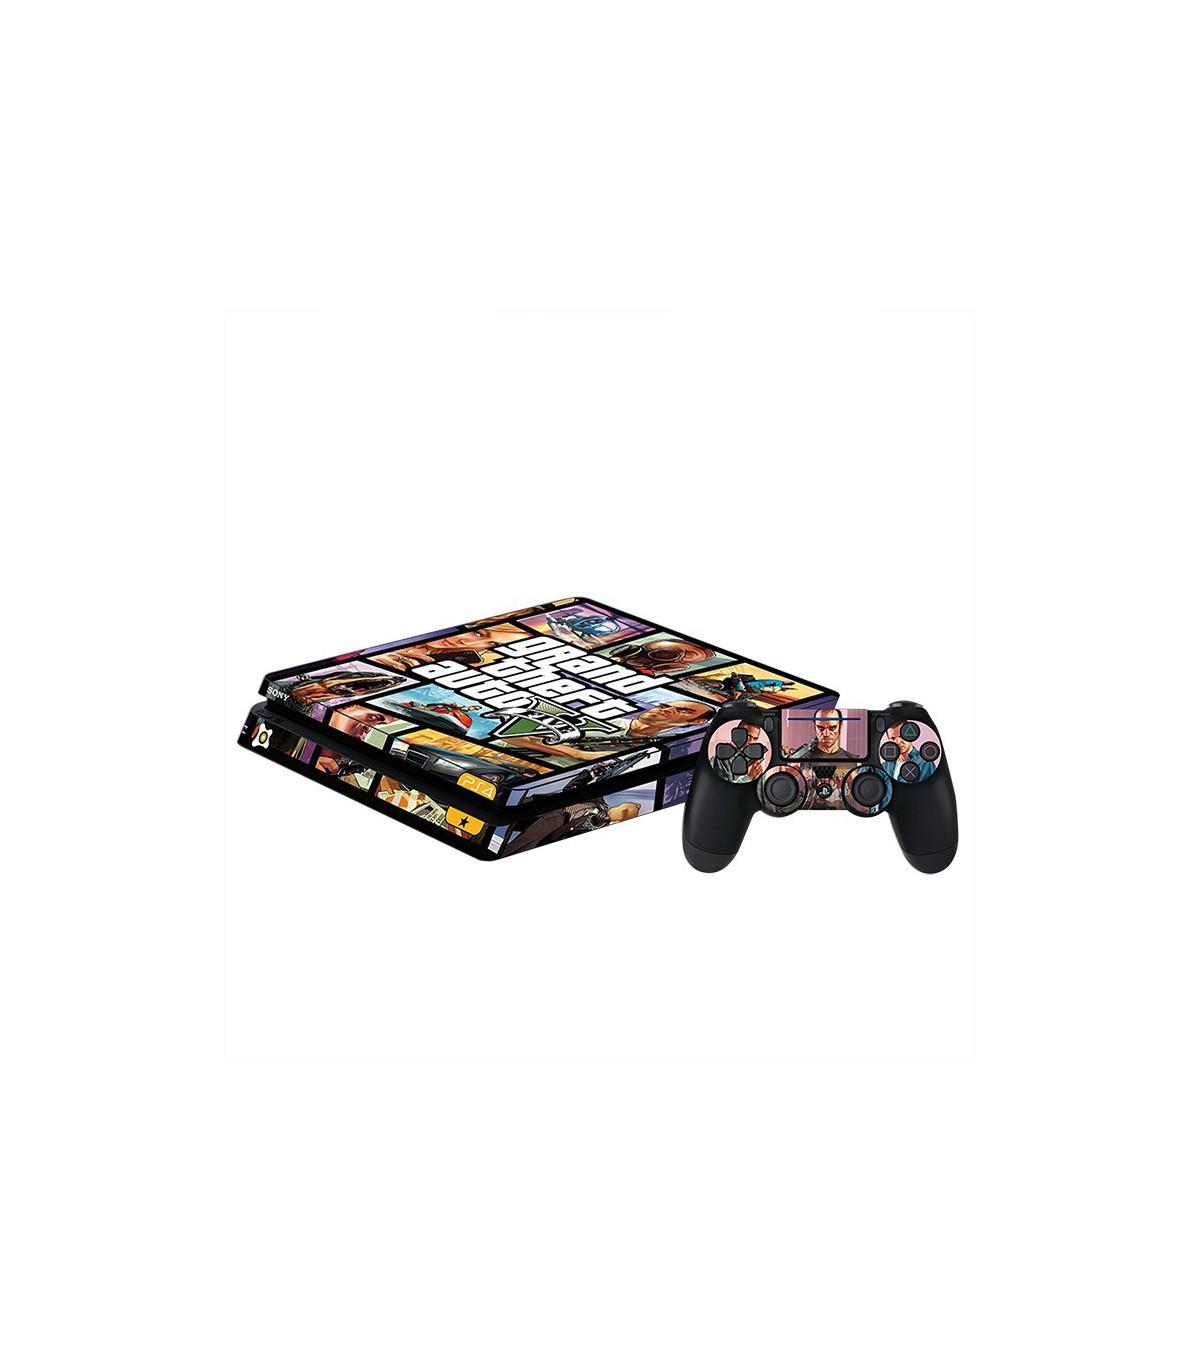 اسکین PS4 آی گیمر طرح video game - 2